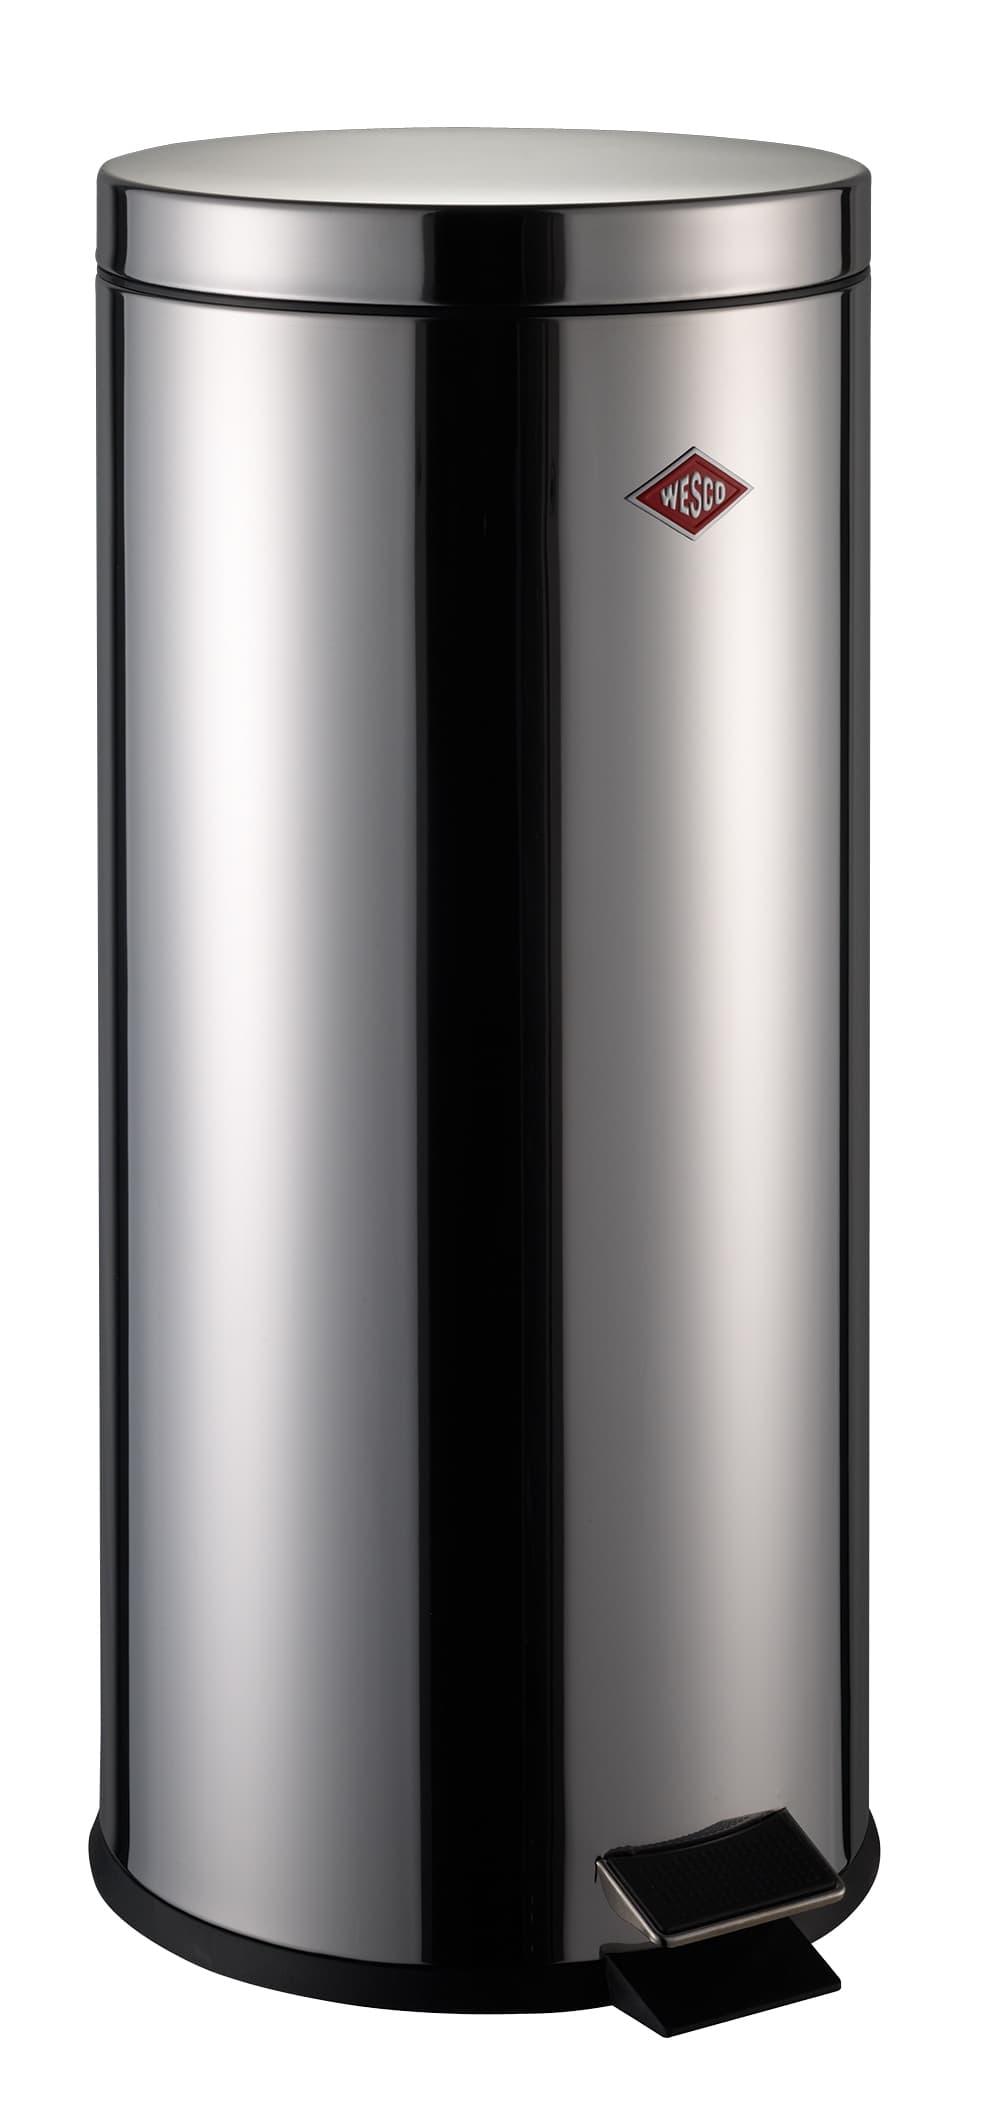 Cos de gunoi cu pedala, Tetra Bin Crom, 30L, Ø29,5xH67,5 cm imagine